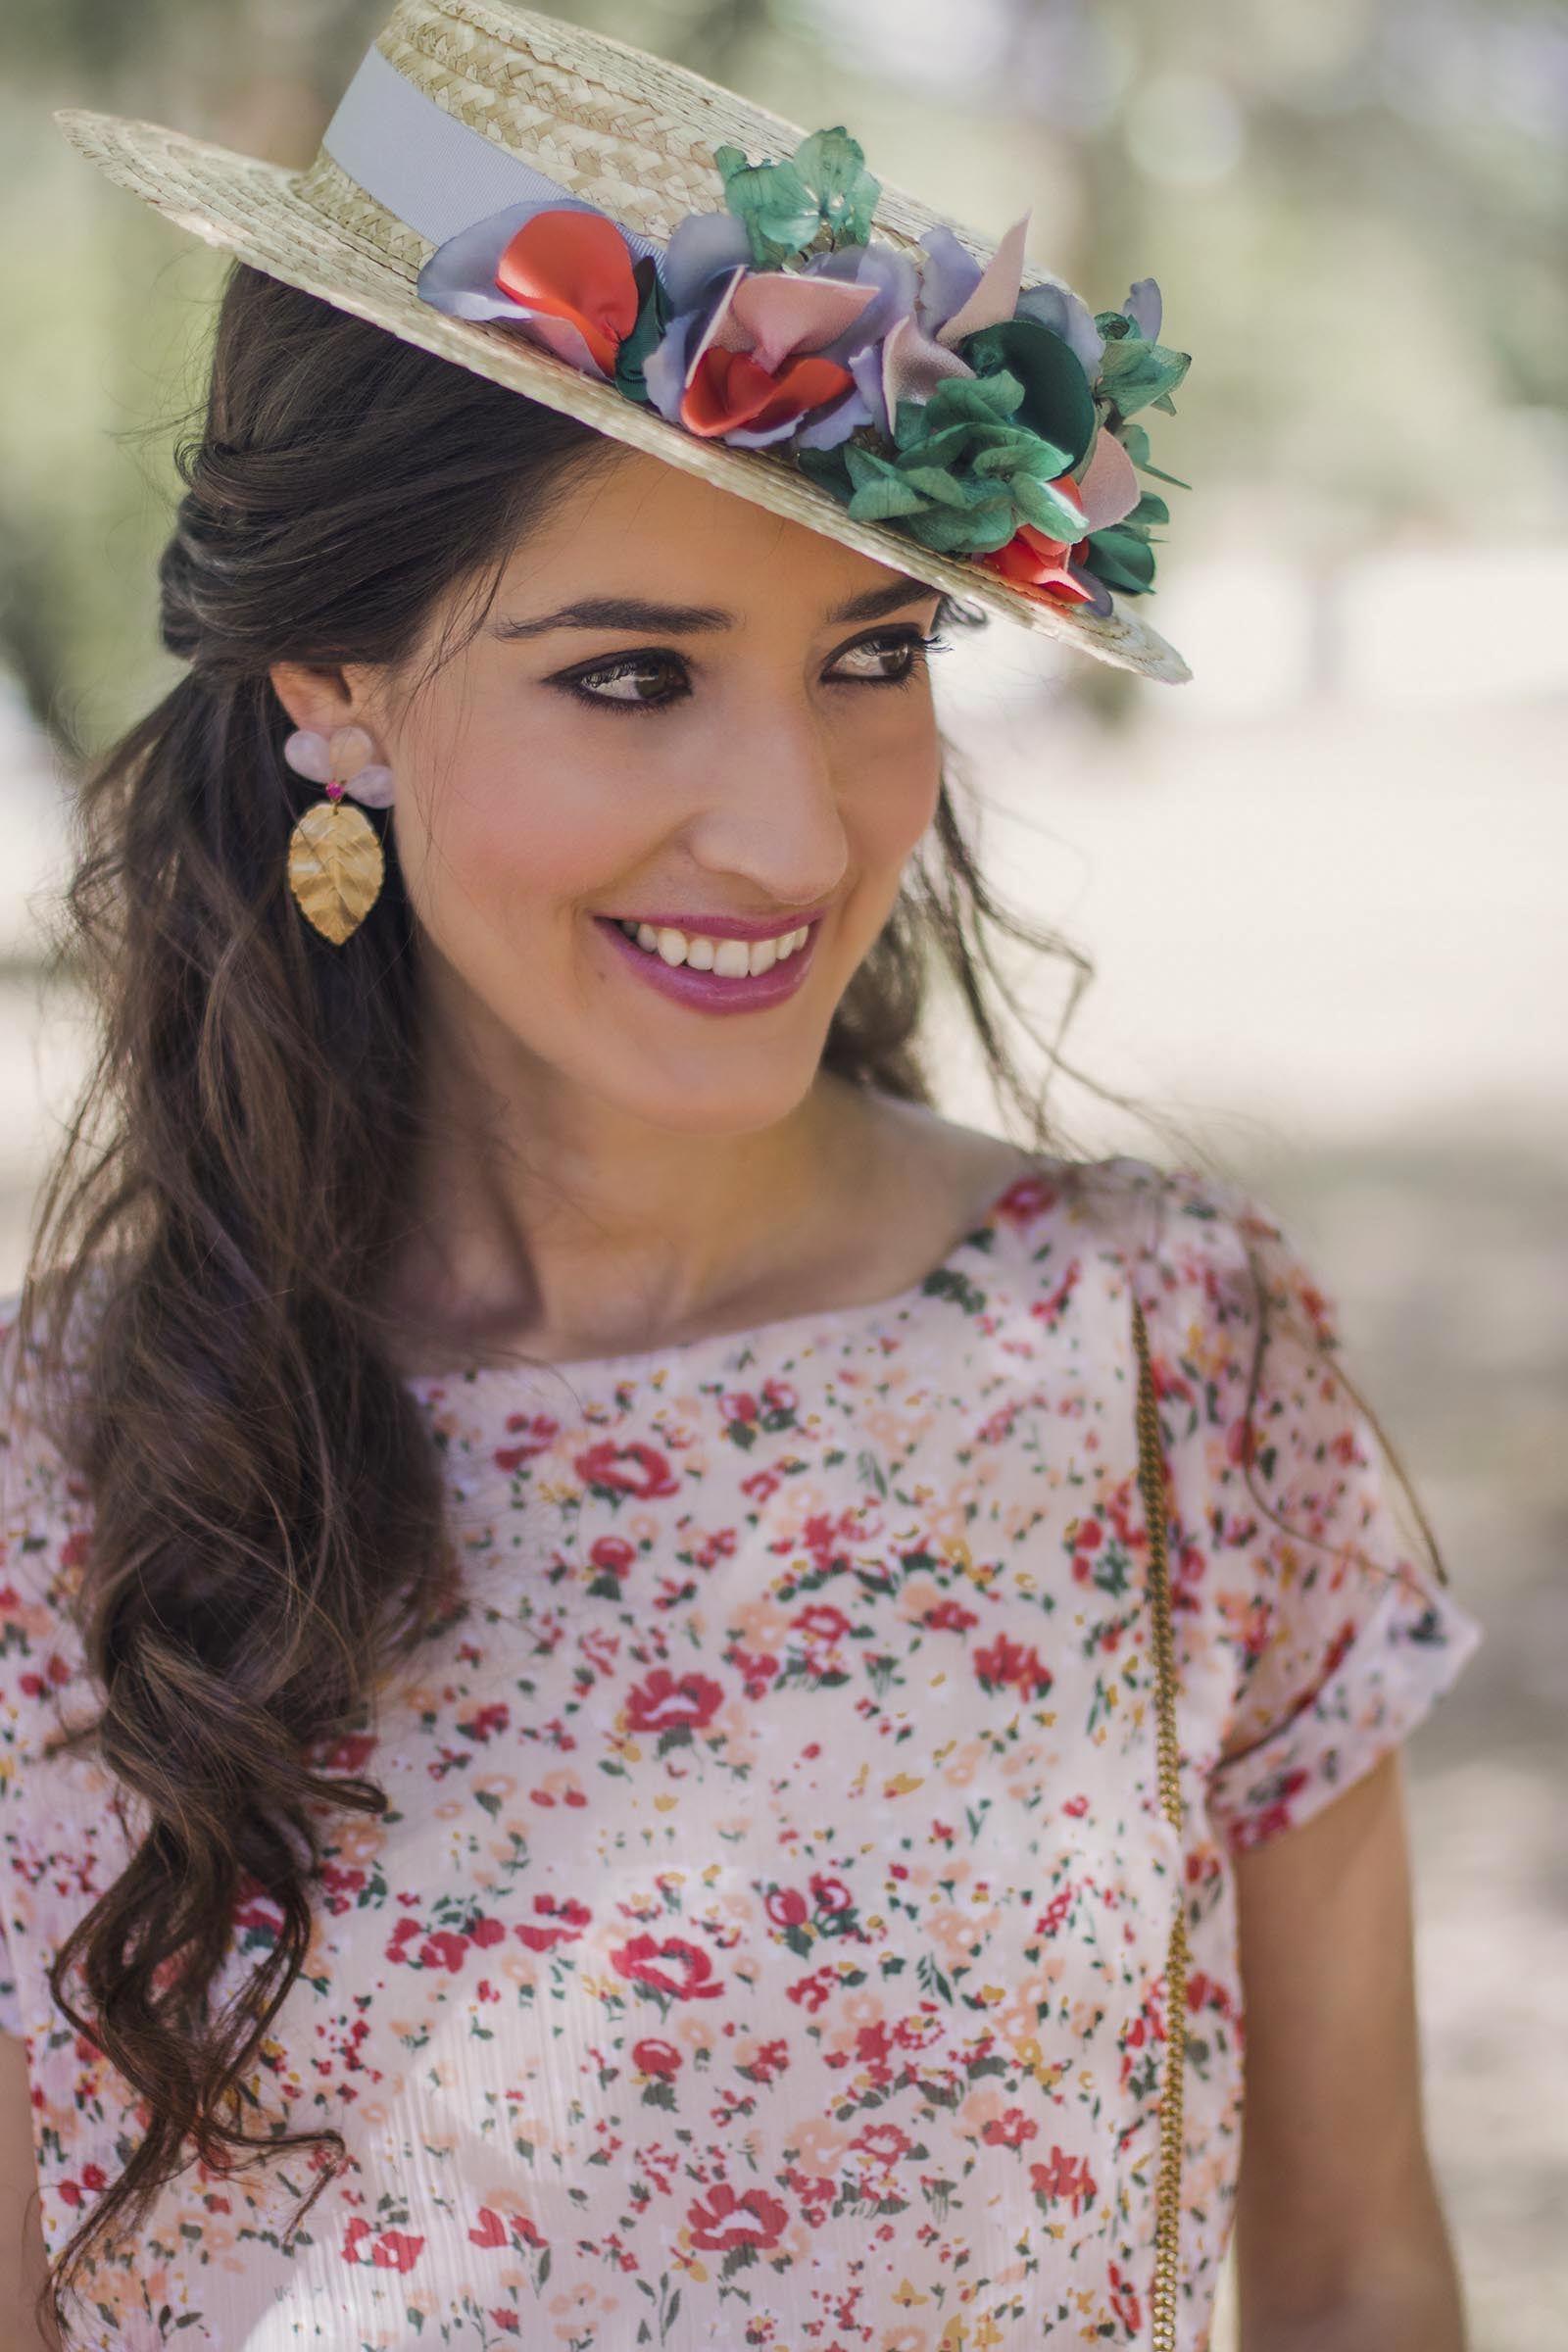 Invitada perfecta boda look vestido largo flores canotier  bb505123a78